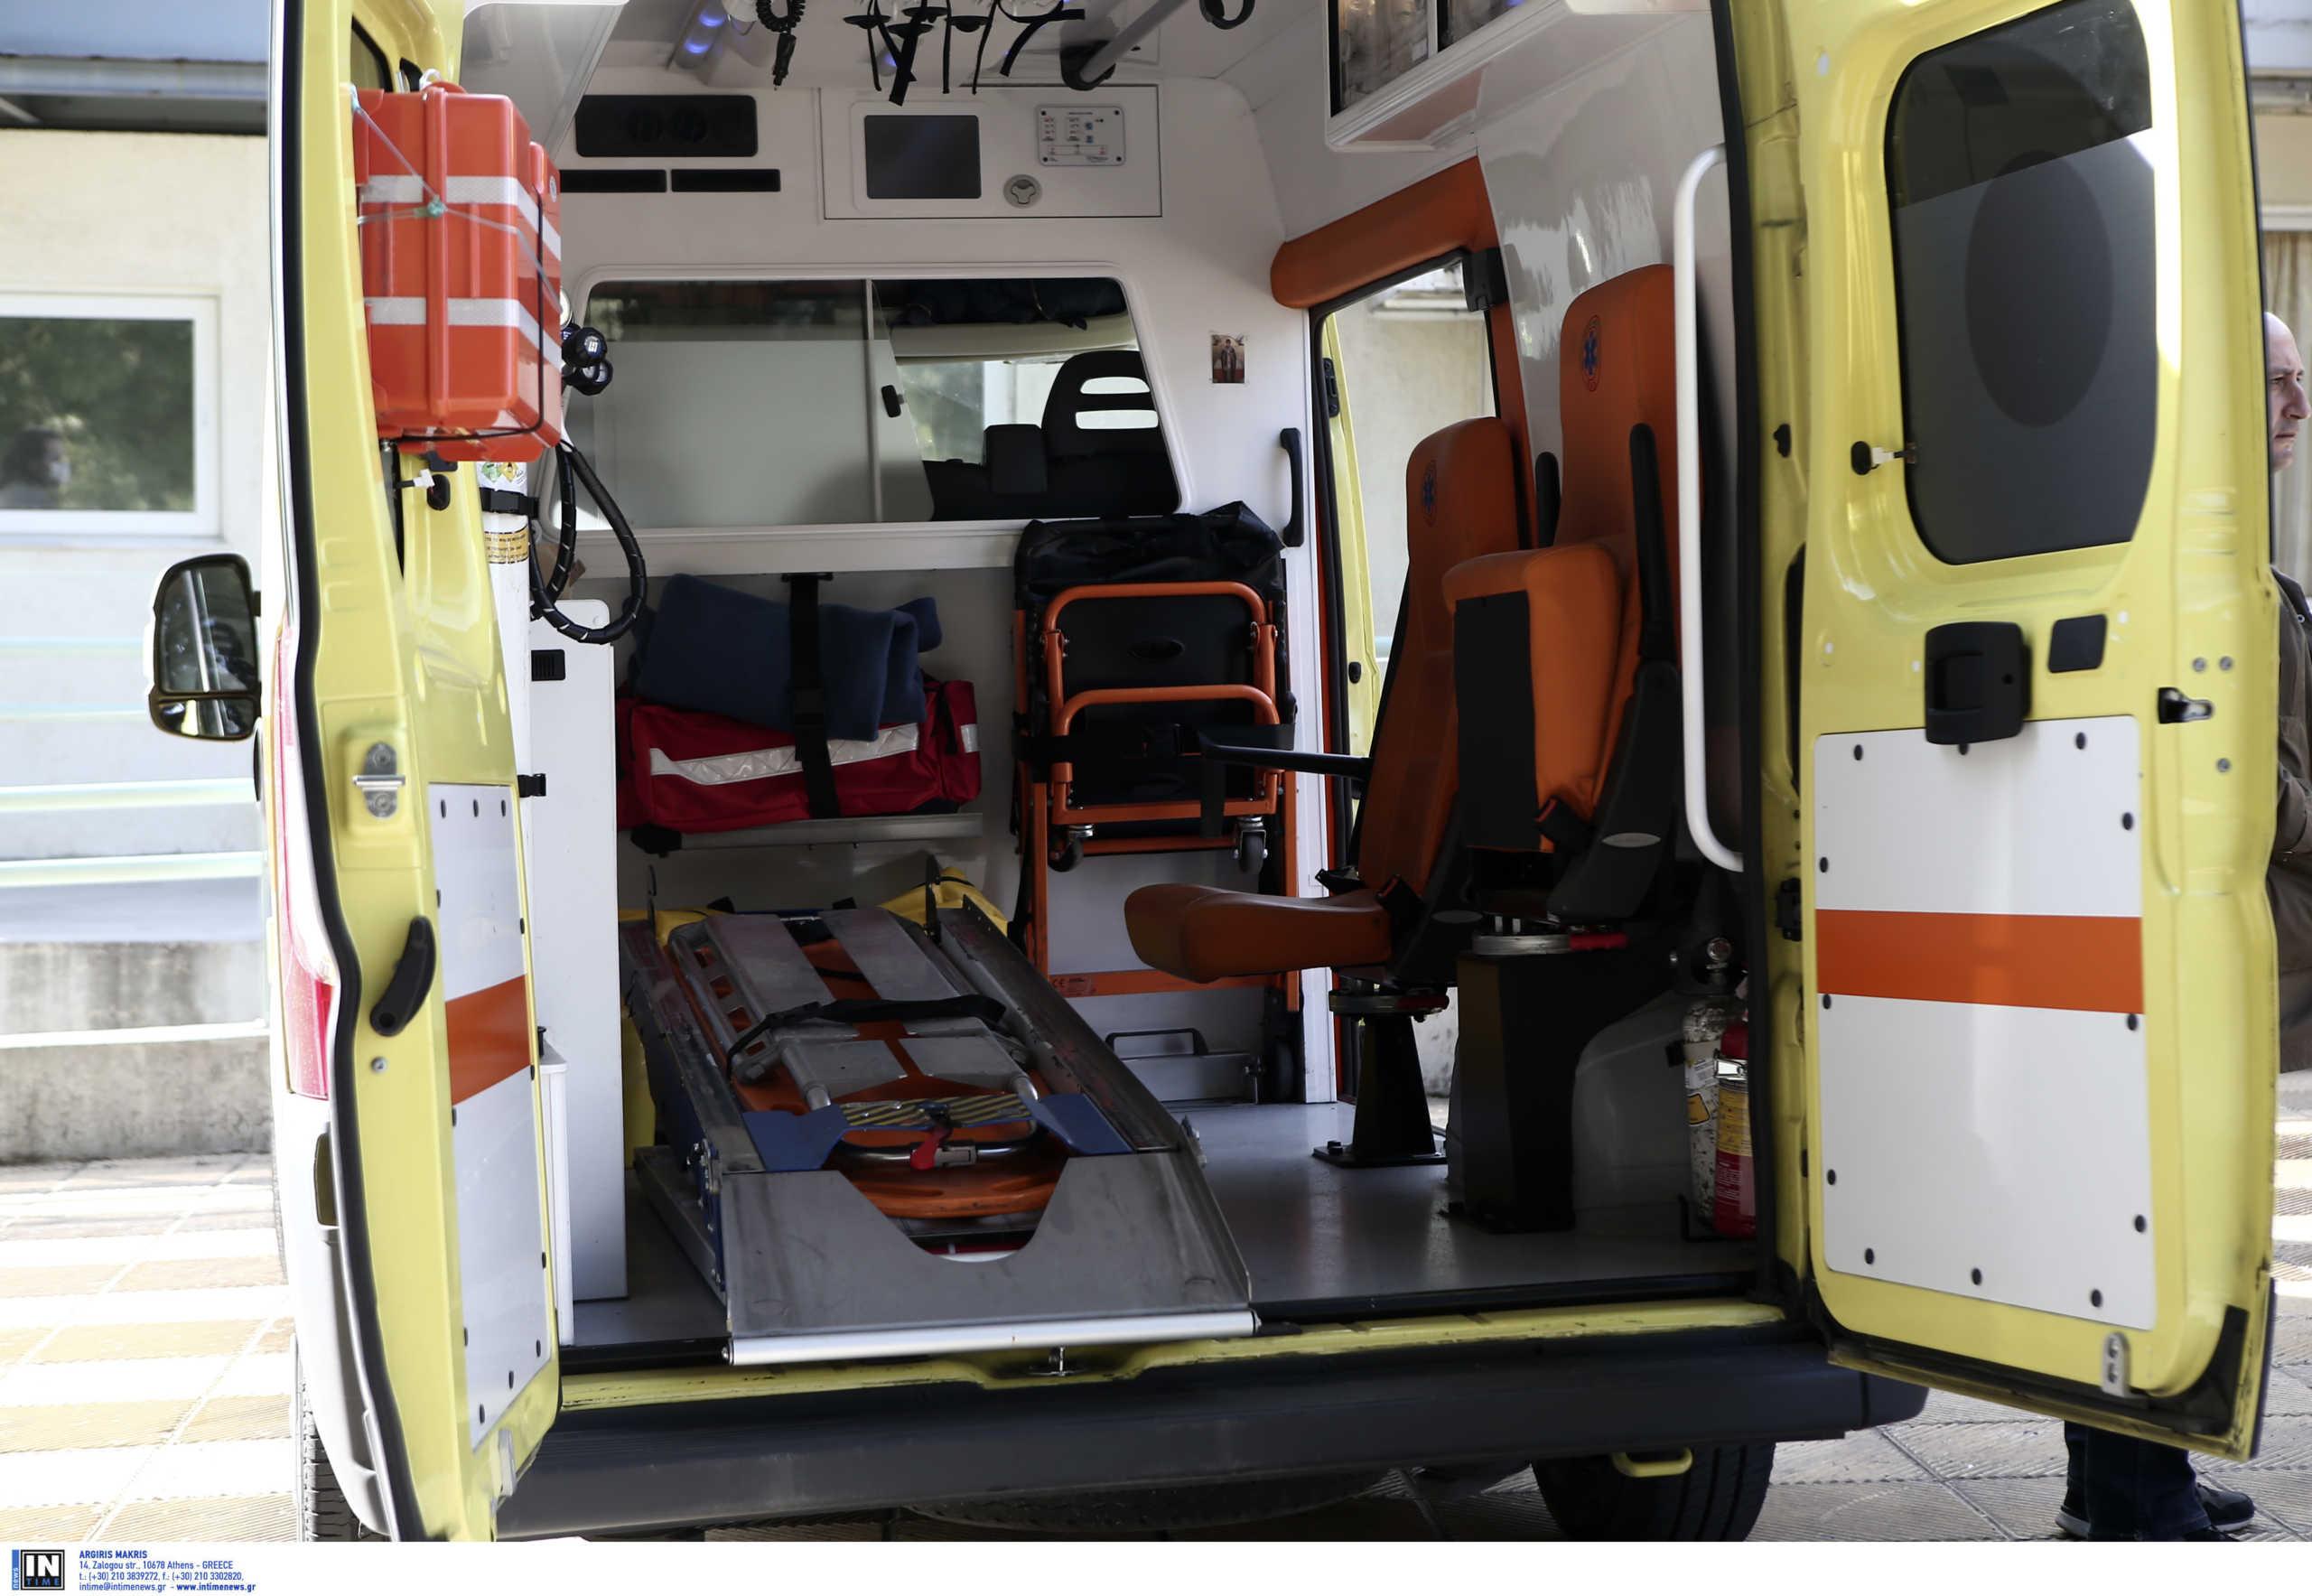 Θεσσαλονίκη: Νεκρή γυναίκα από φωτιά στο σπίτι της! Τραγωδία σε φλεγόμενο διαμέρισμα της Νεάπολης